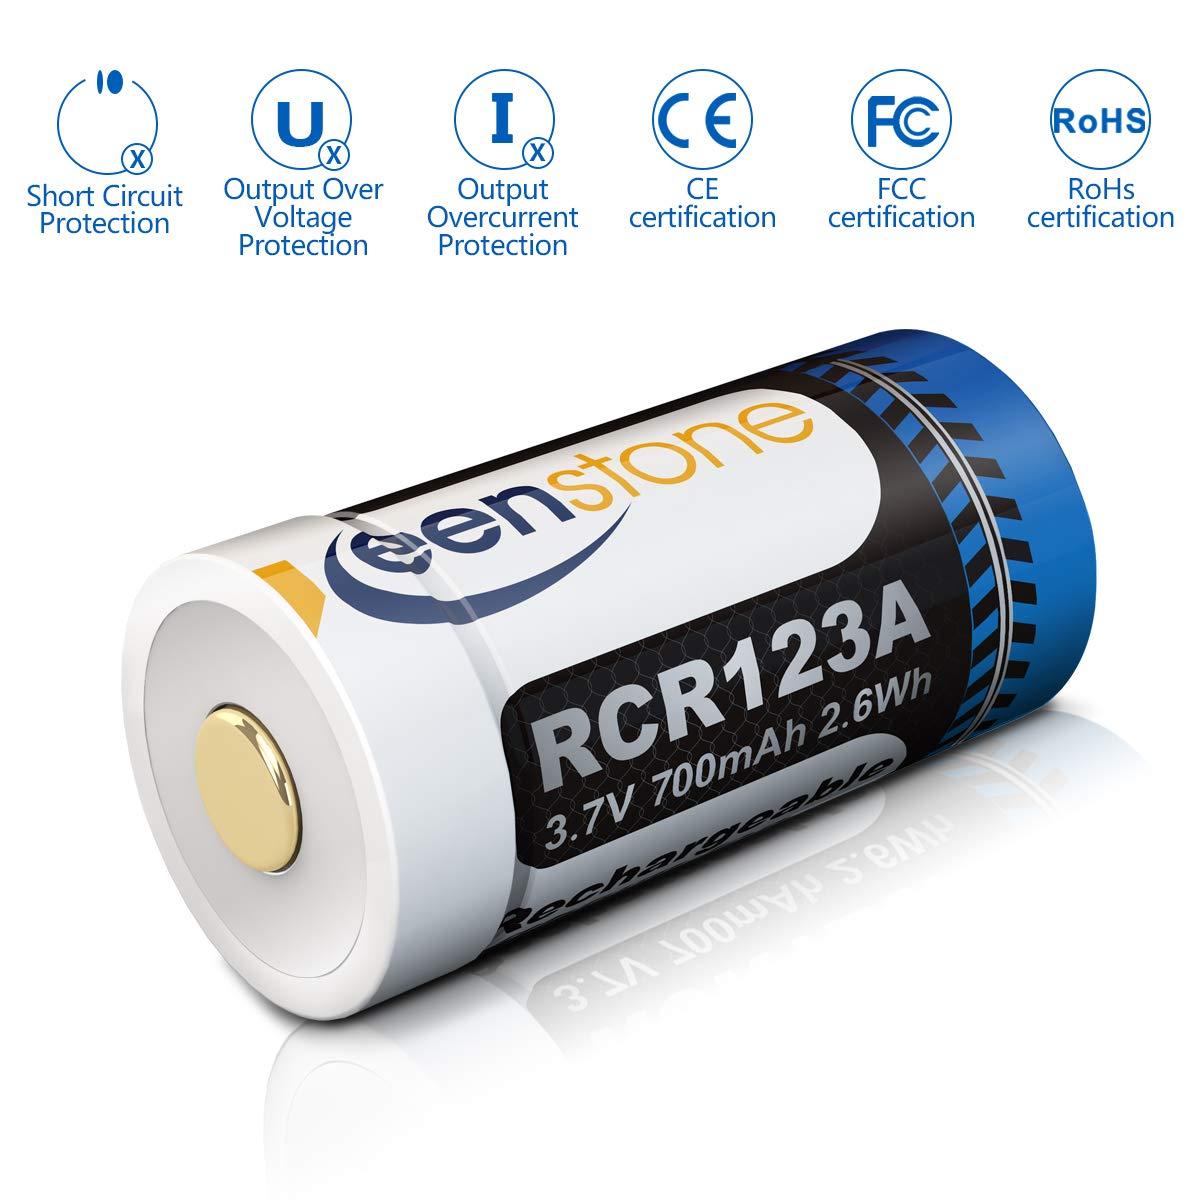 Proyector//Linterna de RCR123A//VMS3030// 3130//3230//3330//3430 4PCS Li-Ion 3.7V 750mAh para la c/ámara de de vigilancia en 500 ciclos c/ámara Arlo Arlo RCR123A bater/ía Recargable